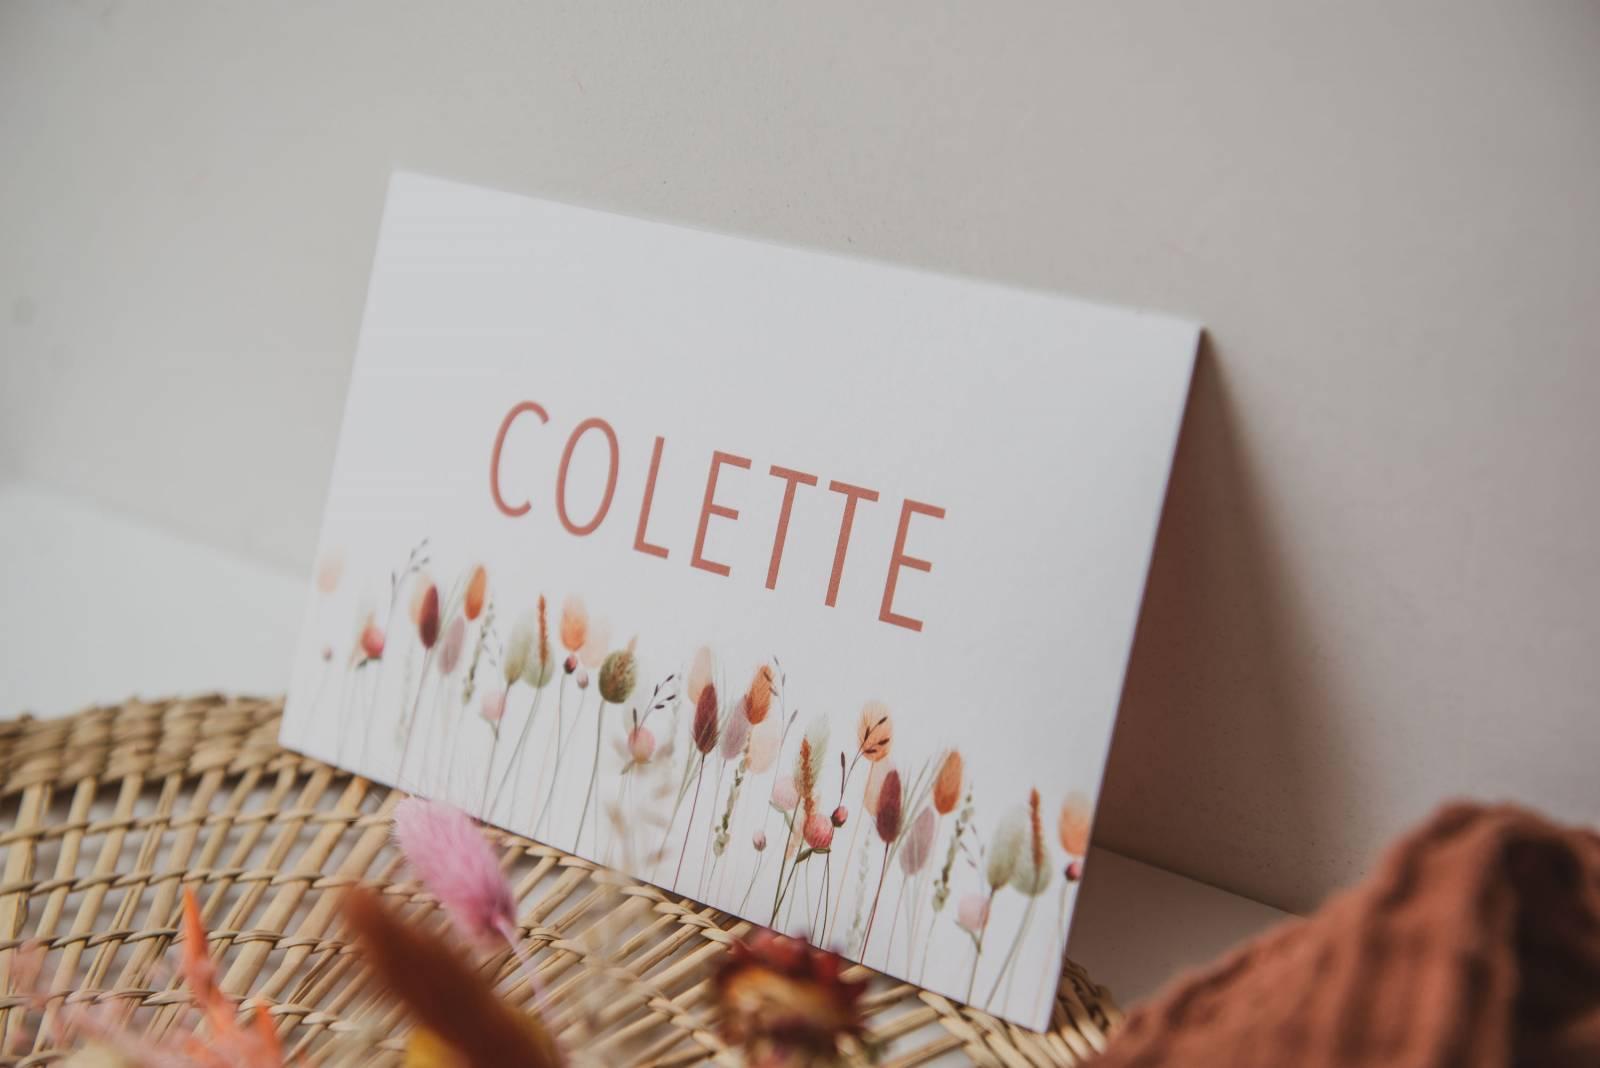 Atelier Maurice - Celien Decloedt - Trouwuitnodigingen en drukwerk - House of Weddings 3